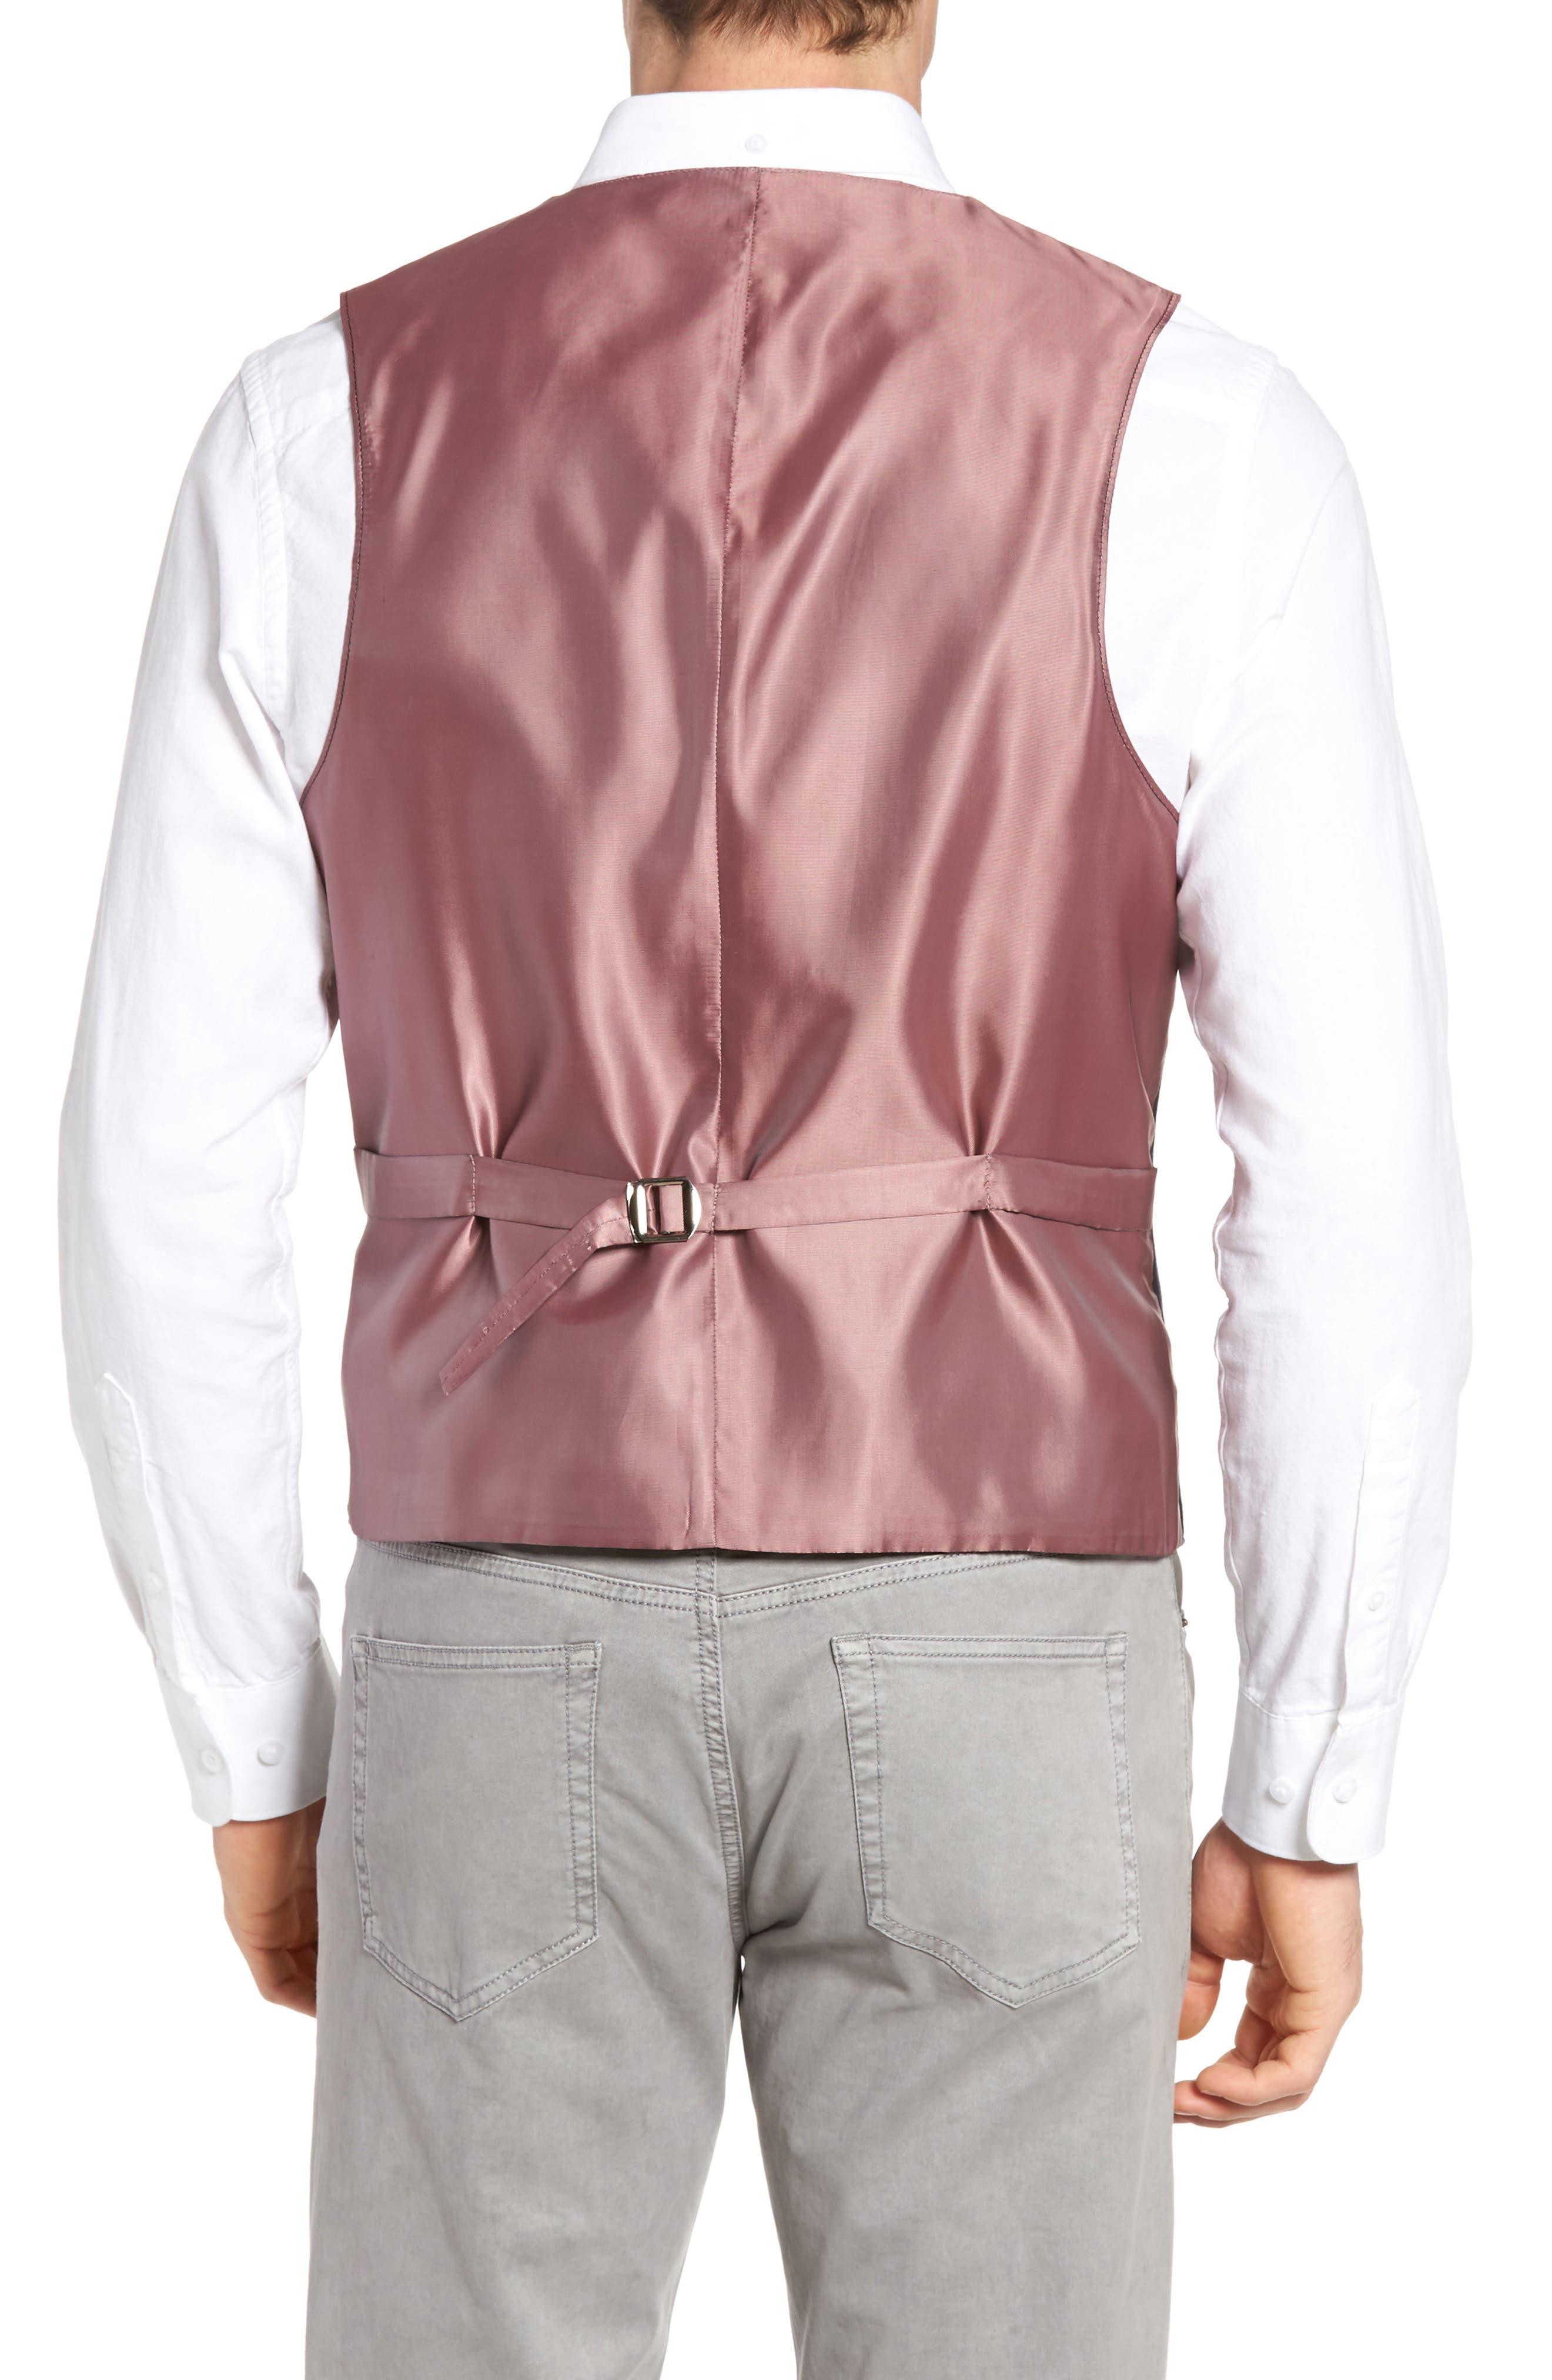 Hootie Solid Cotton & Linen Vest,                             Alternate thumbnail 2, color,                             410